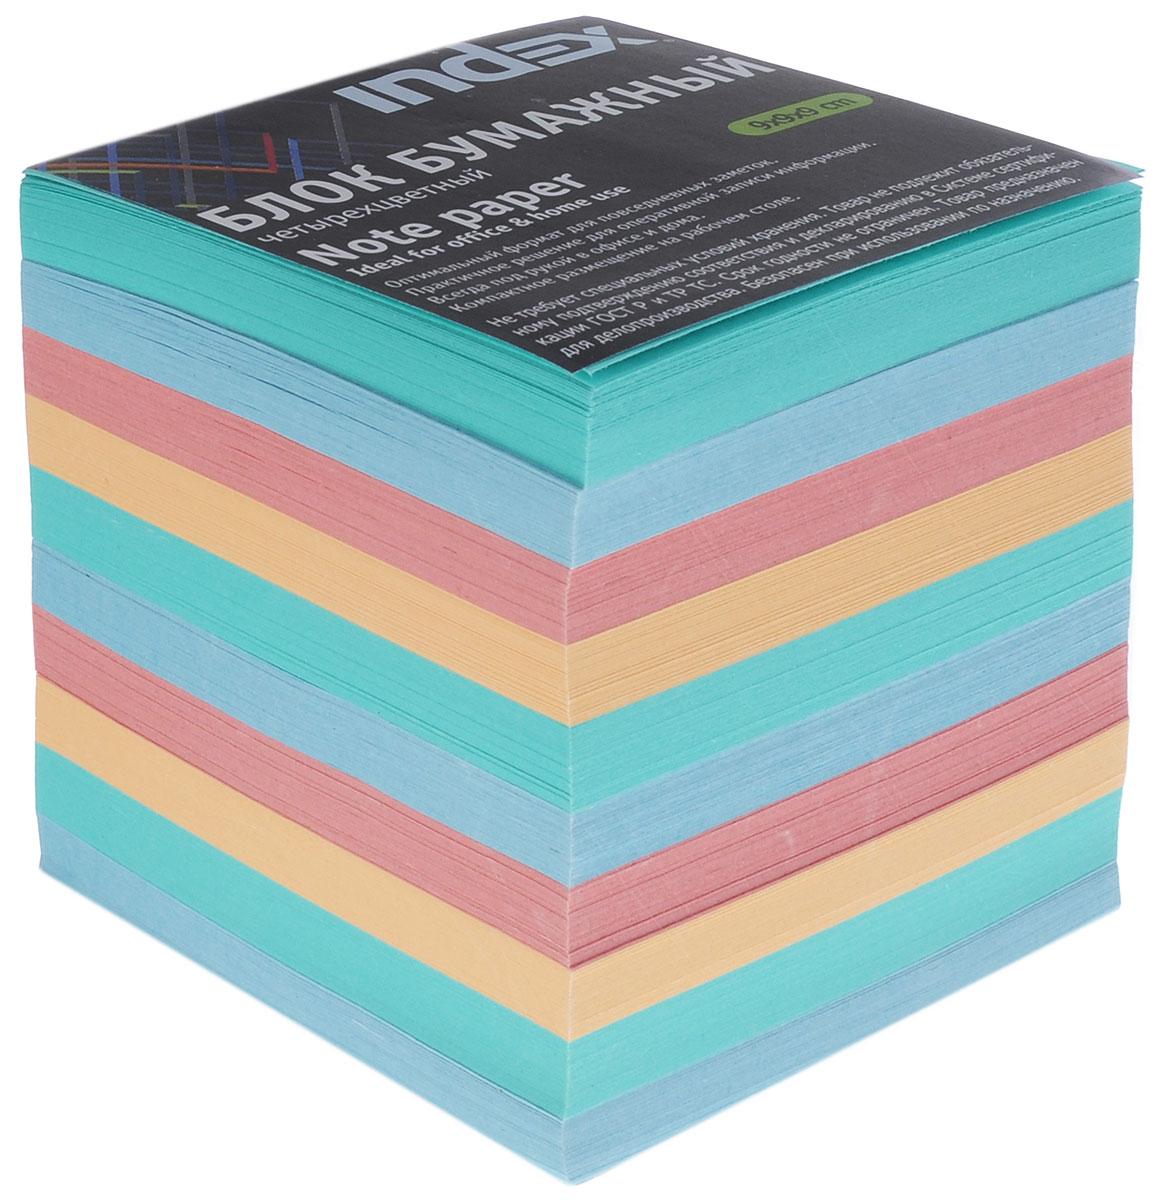 Index Блок для записей многоцветный цвет зеленый синий красный оранжевыйI9910/N/R_зеленый,синий,красный